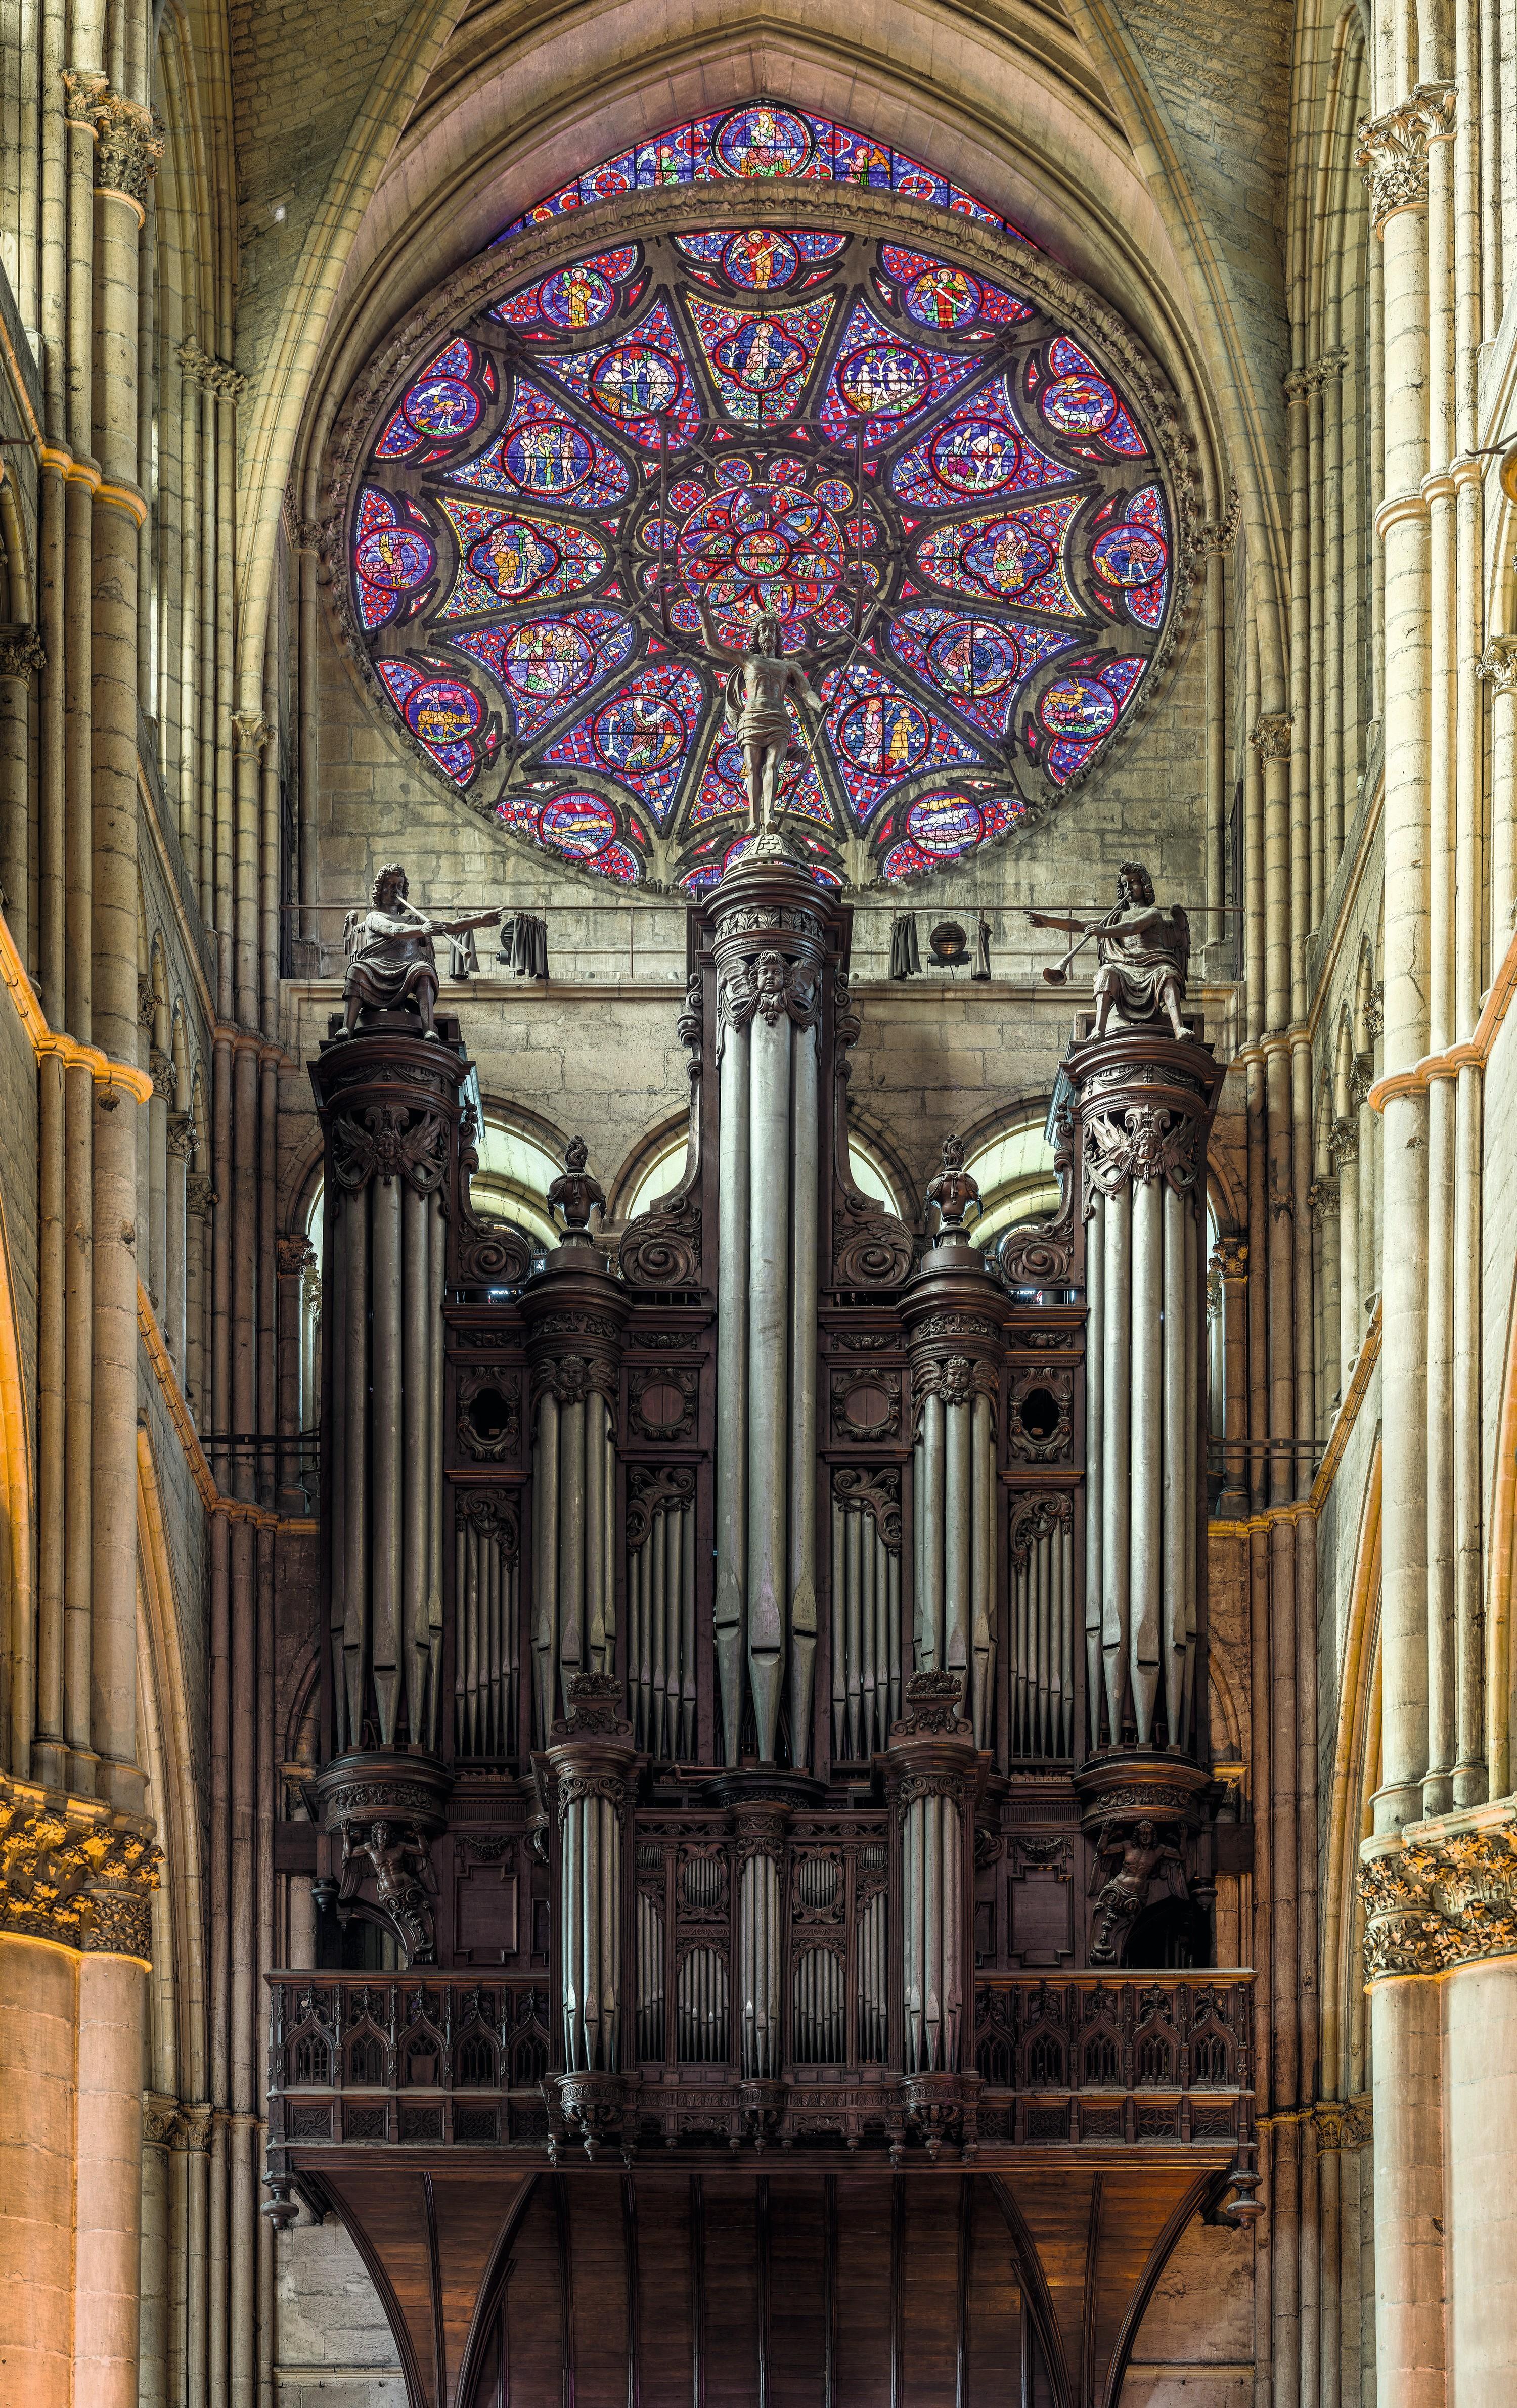 L'orgue de la cathédrale de Reims